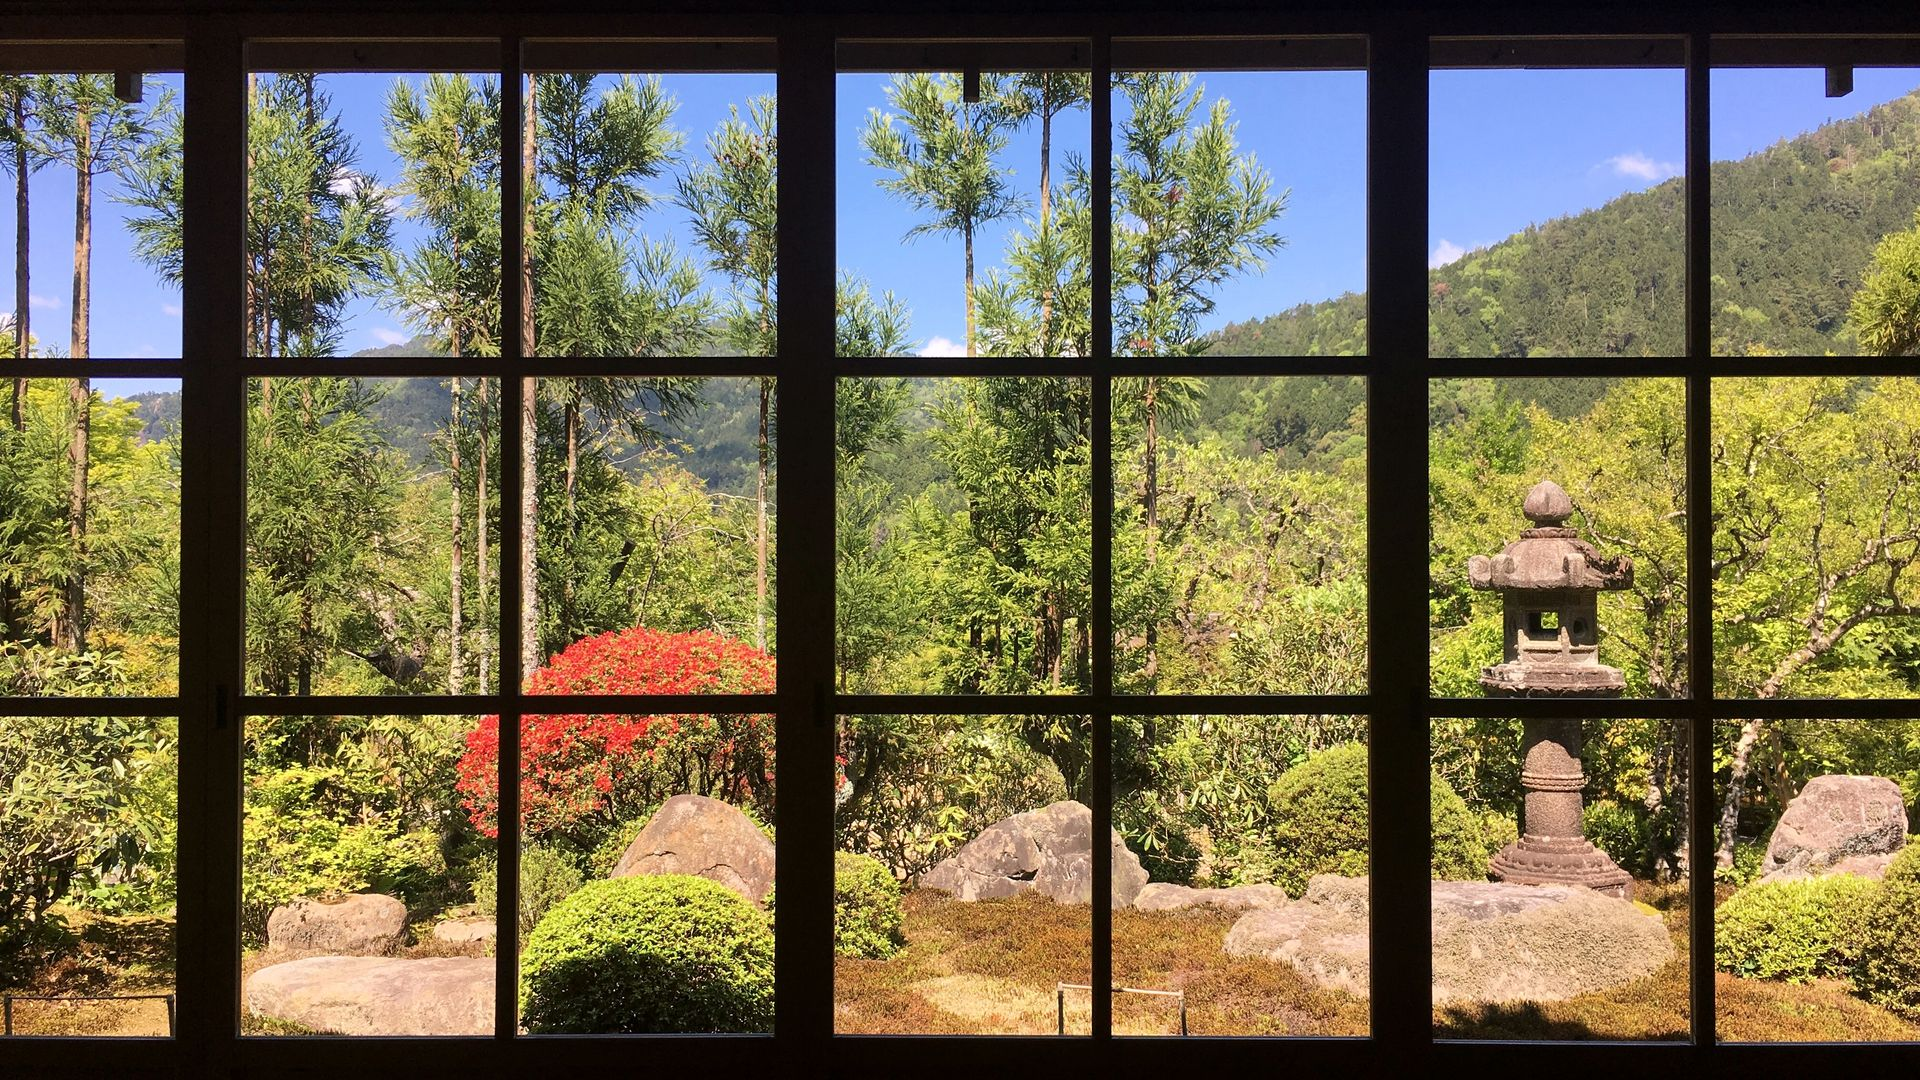 実光院-客殿内部からの眺め01